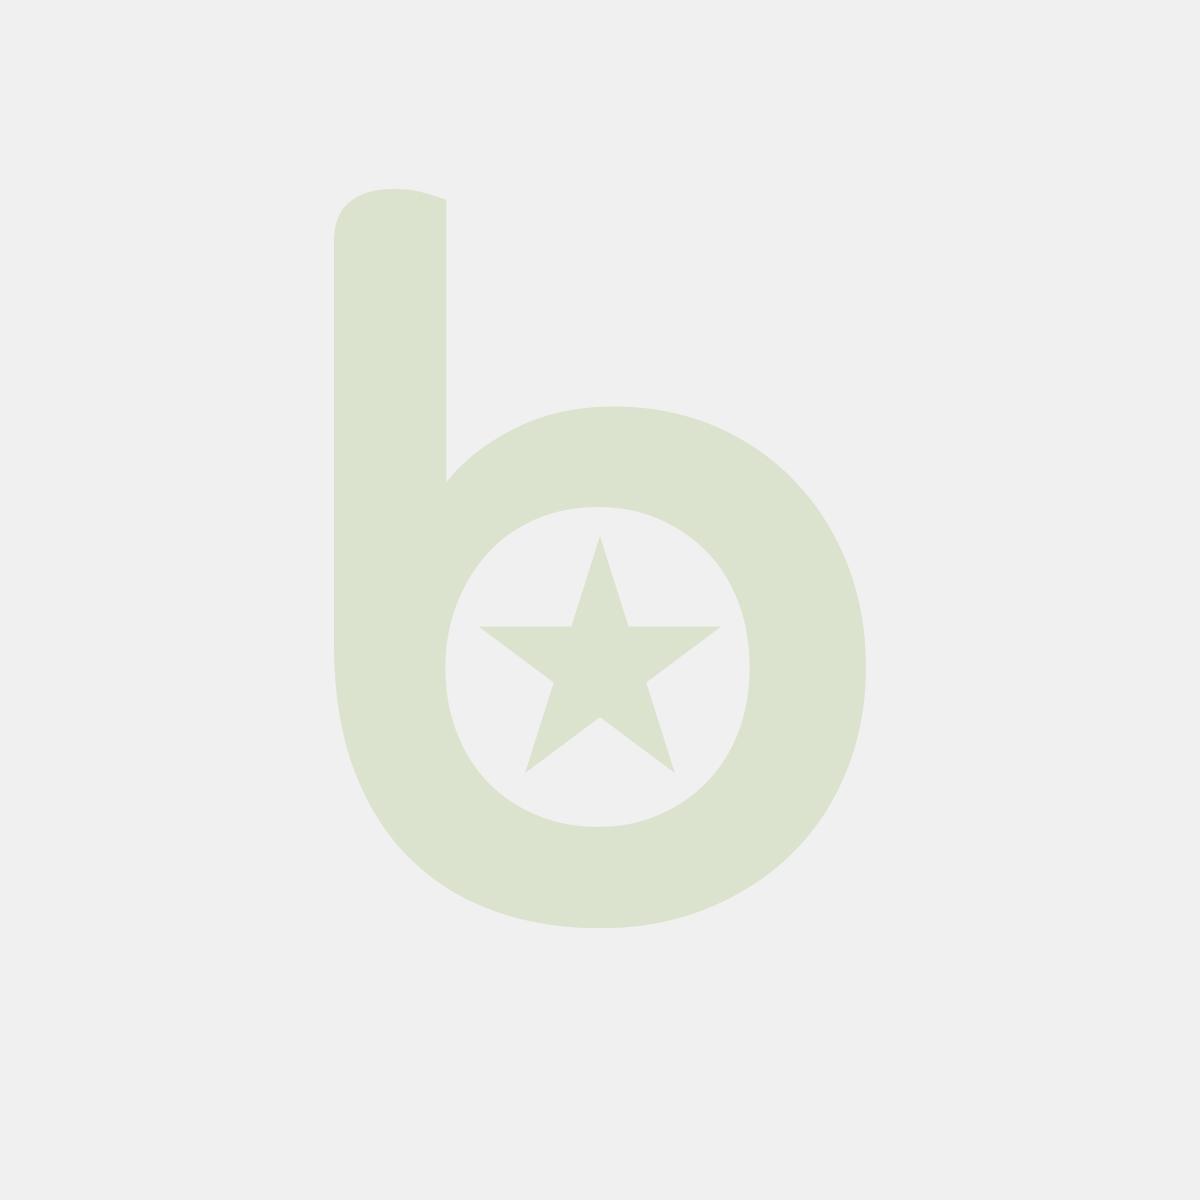 Pojemnik obiadowy, cateringowy do zgrzewu 227x178x4 bezbarwny, trójdzielny, gładki TnP op. 50 sztuk